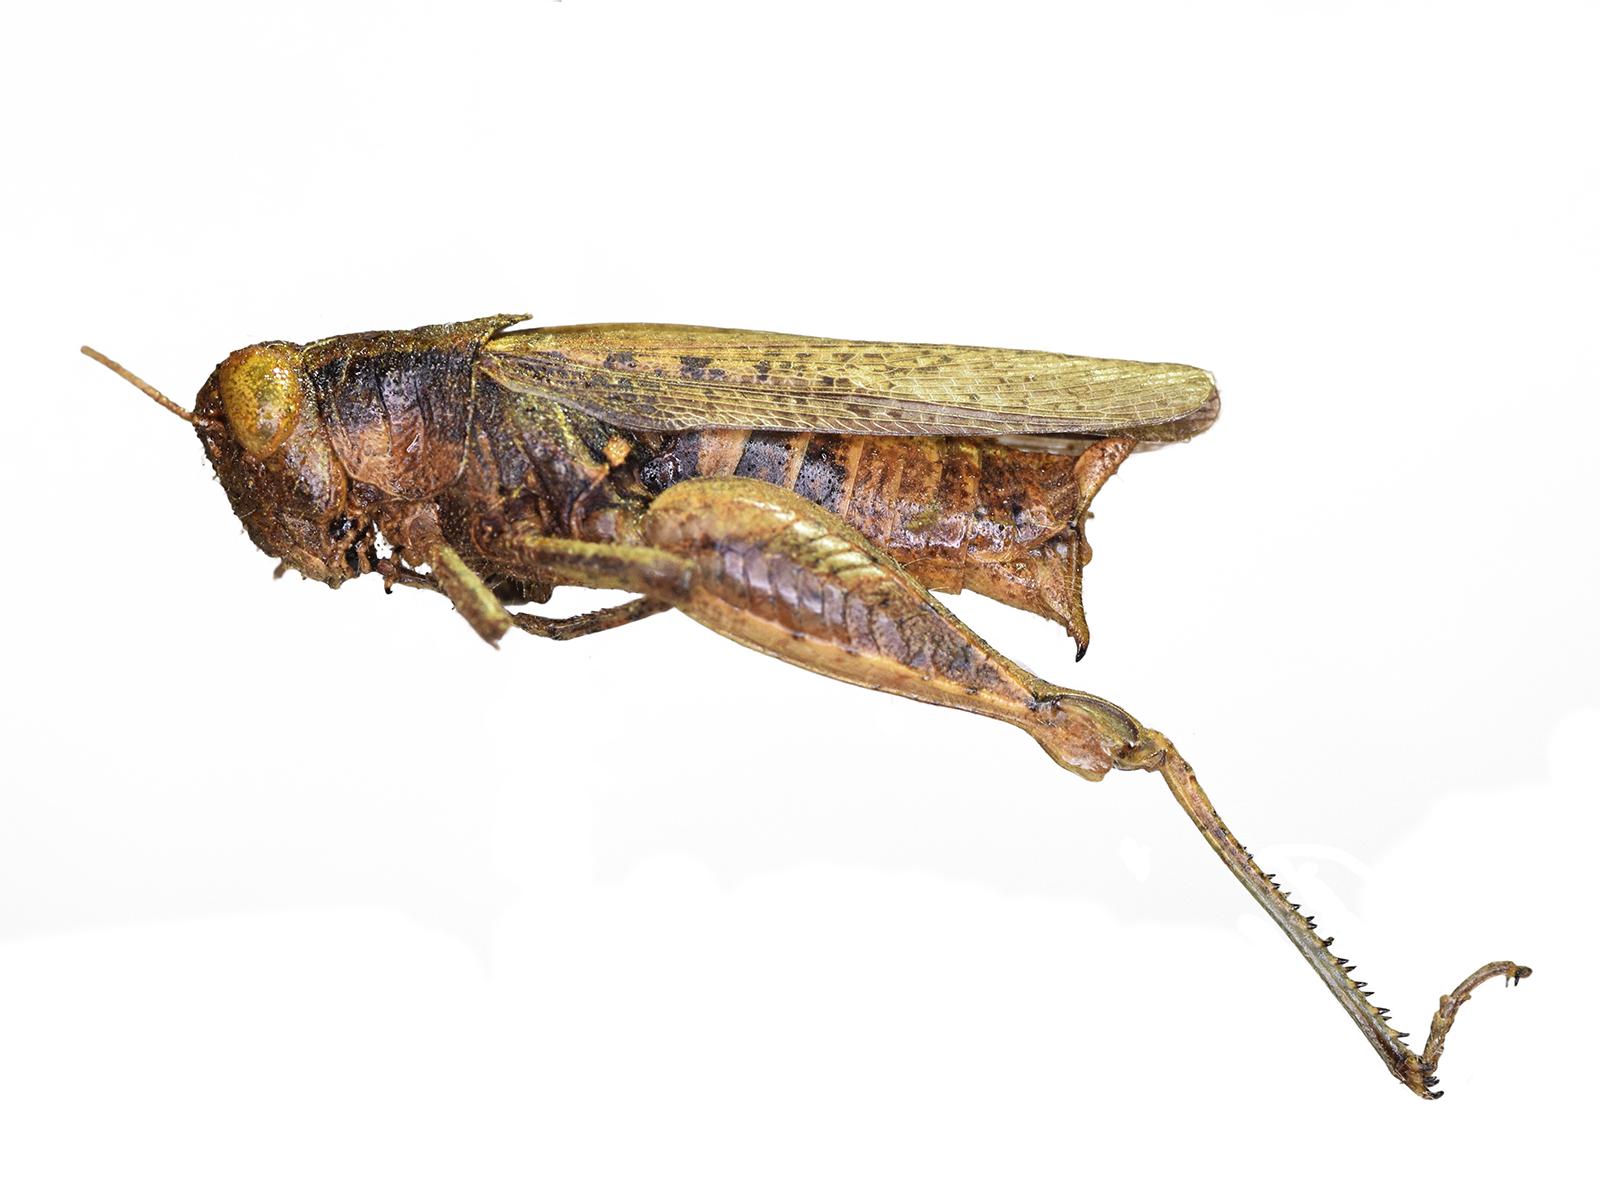 Aidemona azteca (Saussure, 1861)